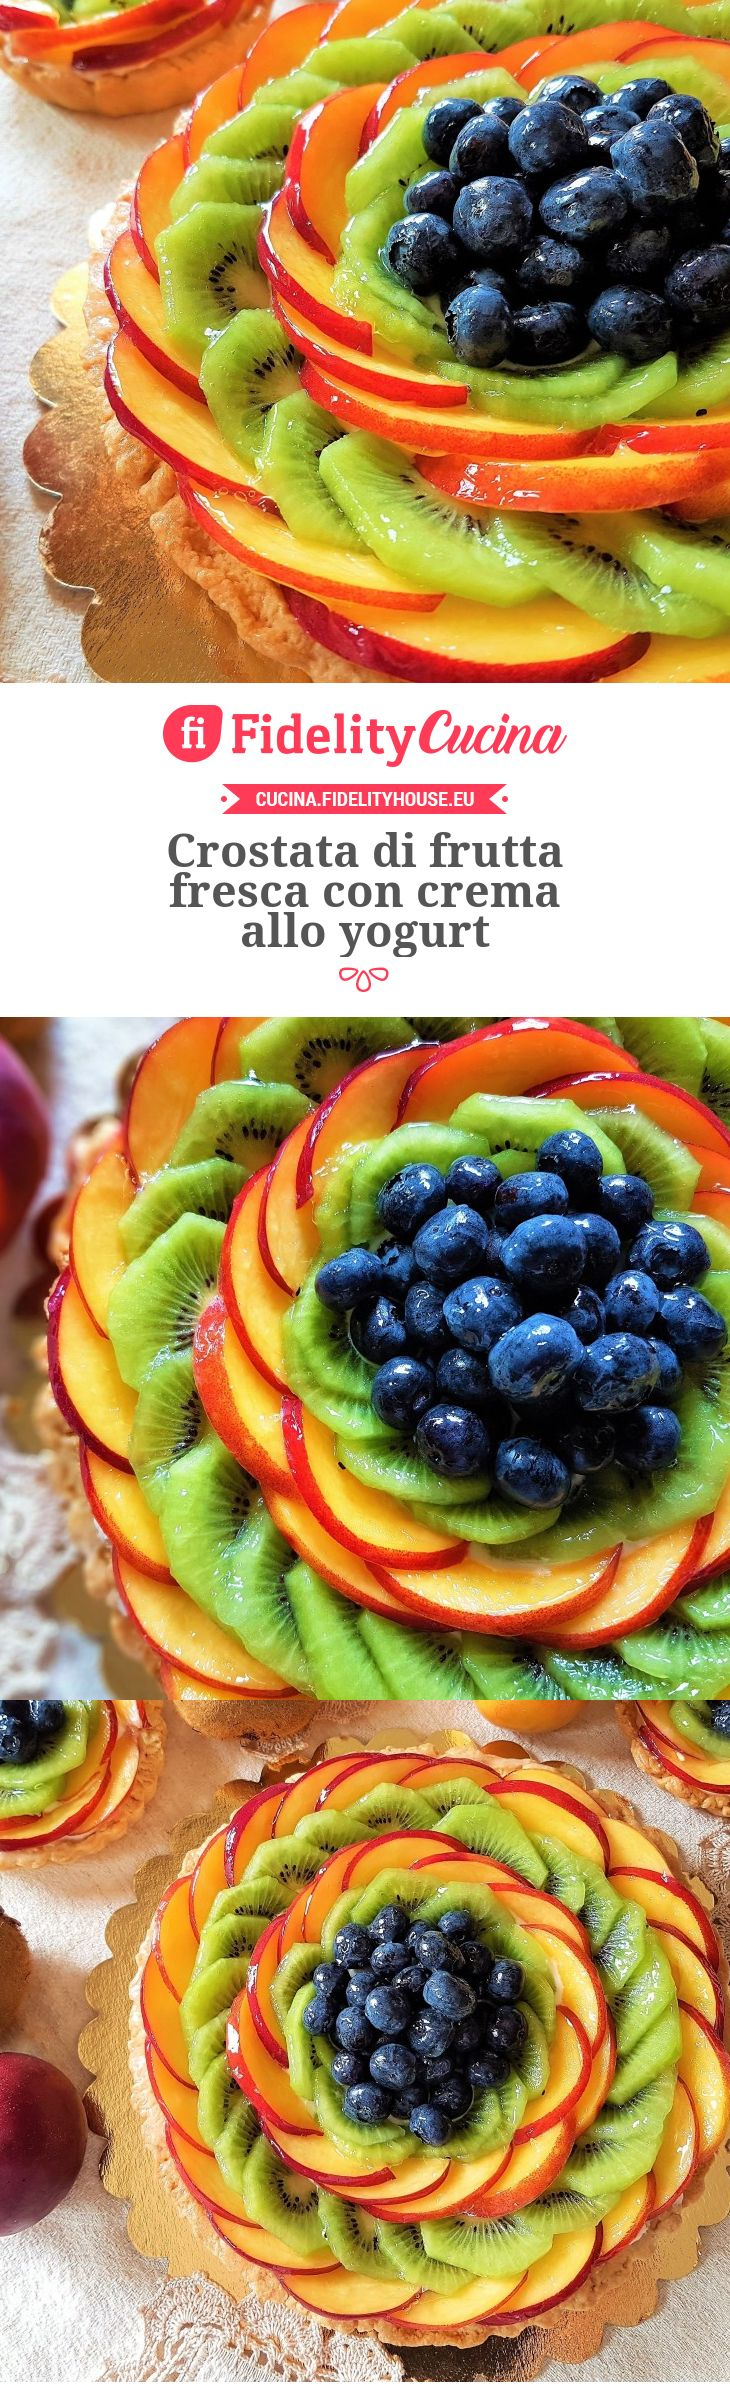 Crostata di frutta fresca con crema allo yogurt